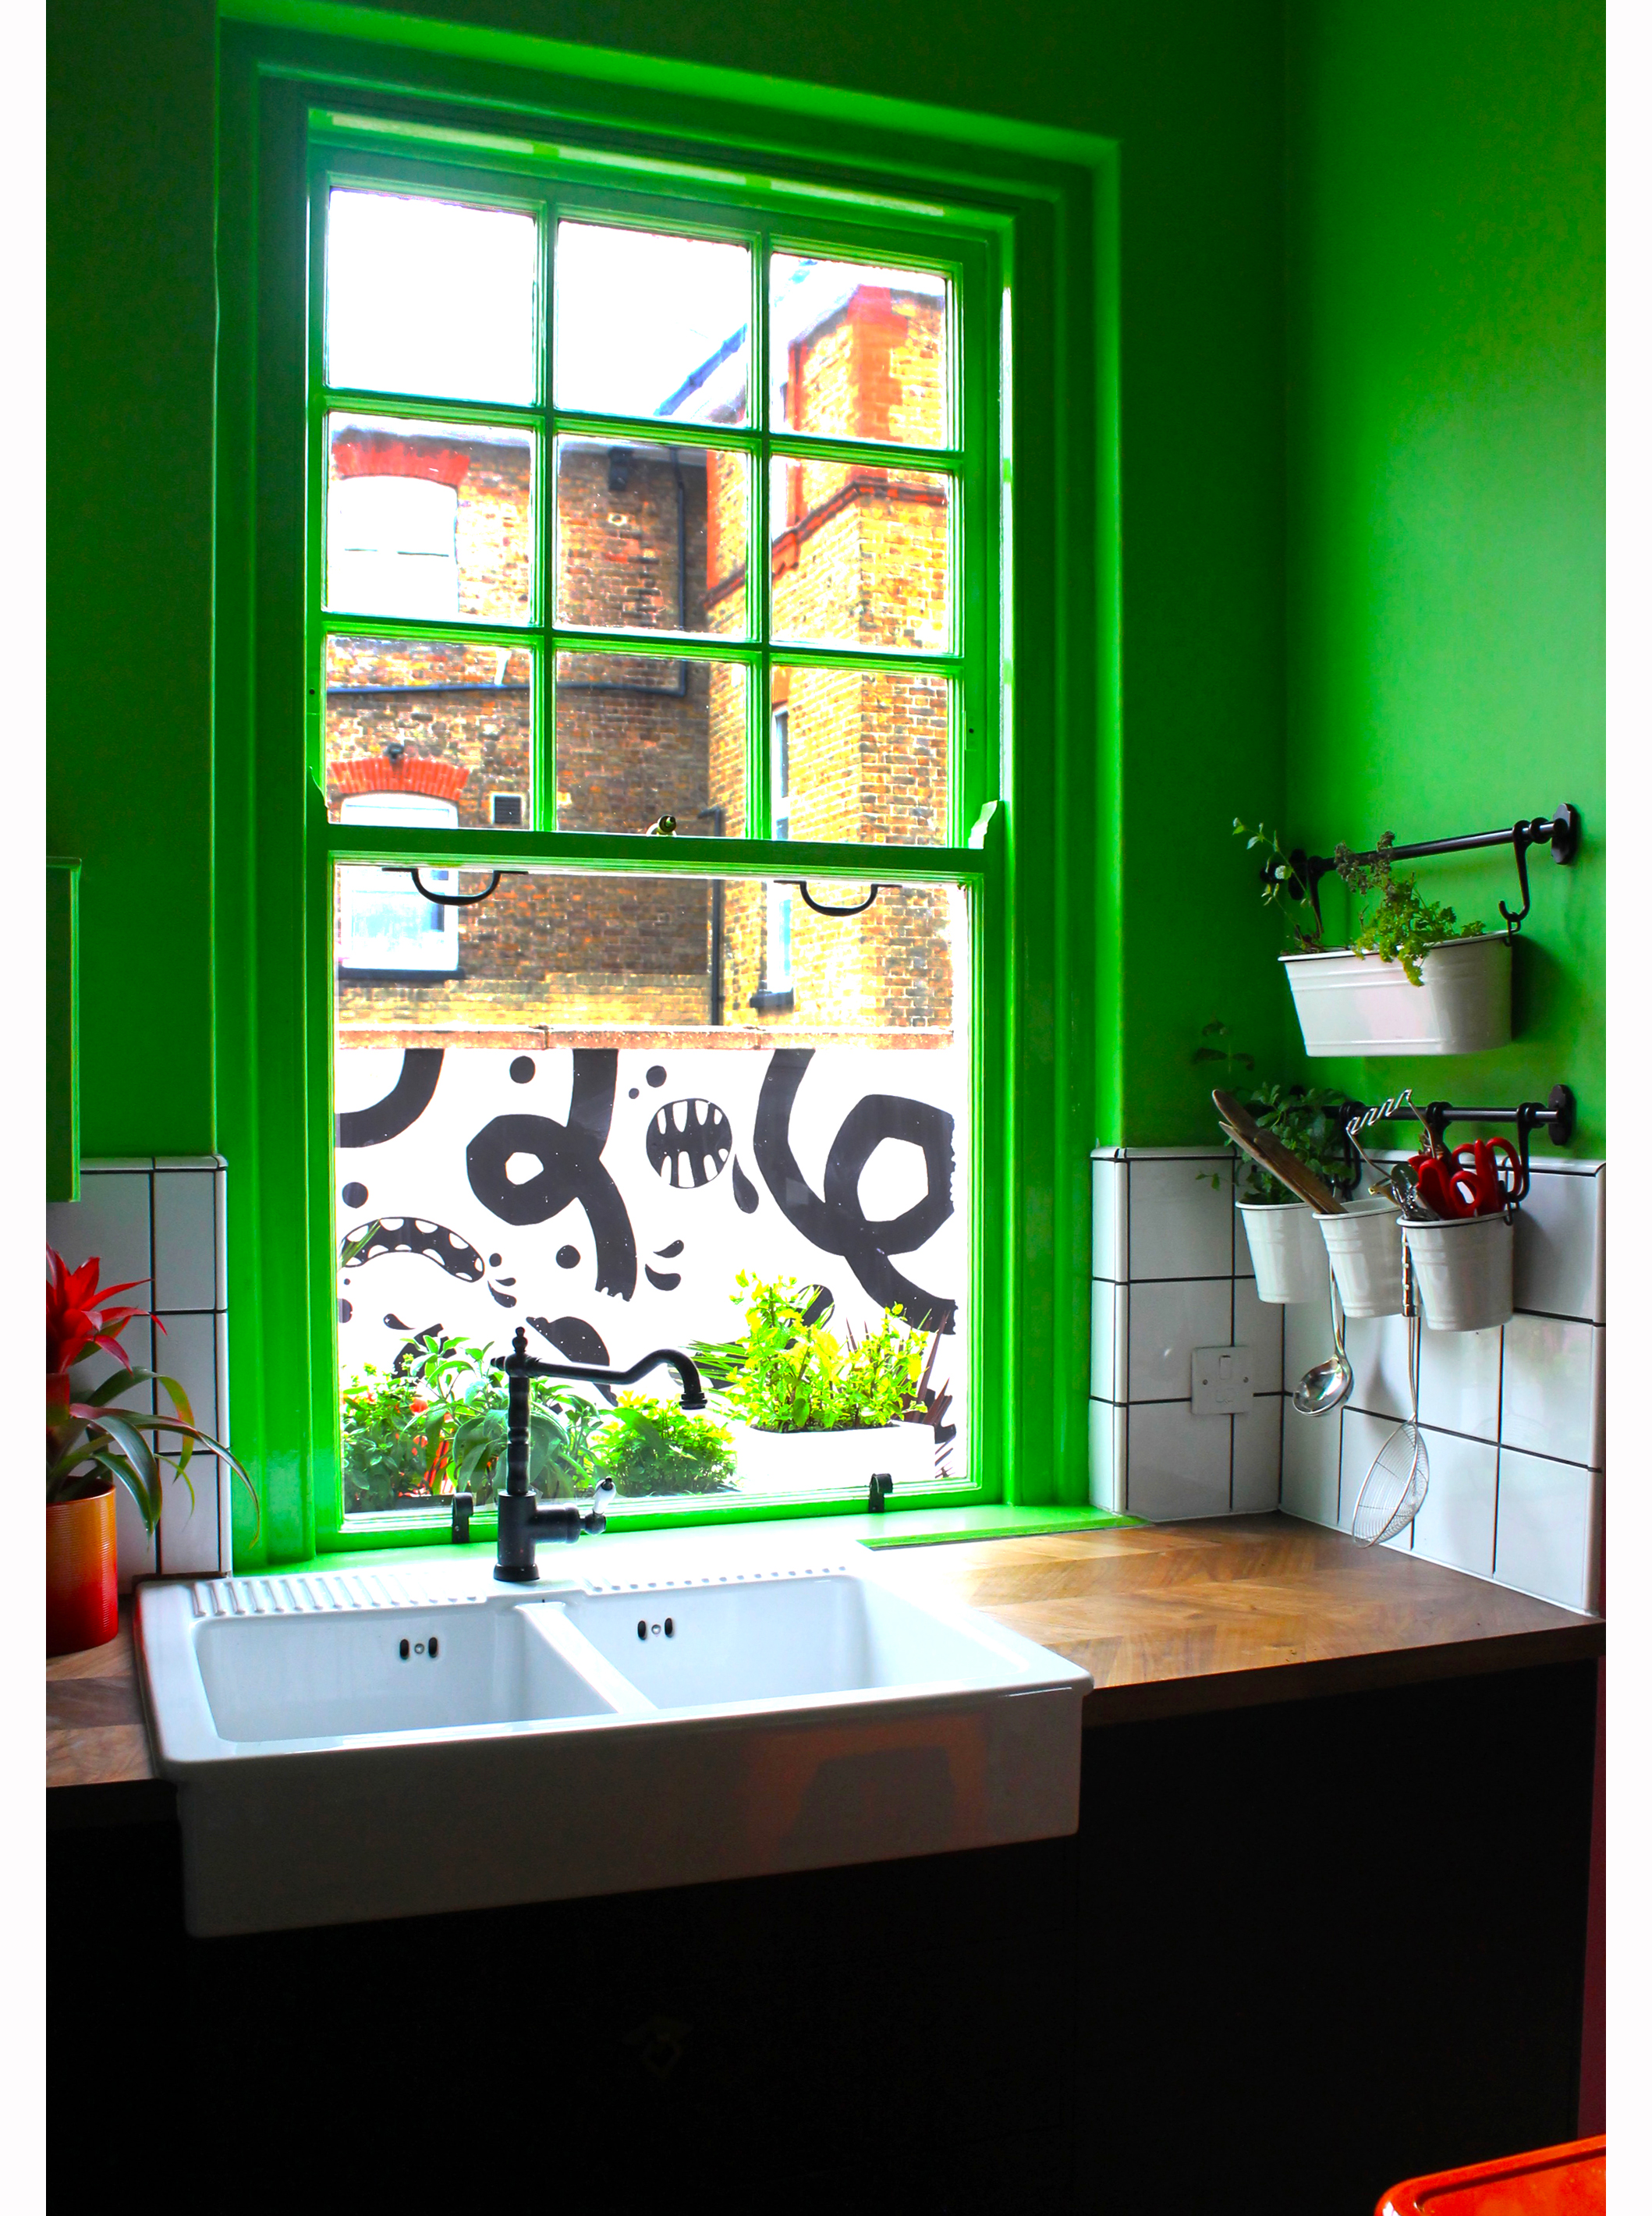 Kitchen Sink w border.jpg